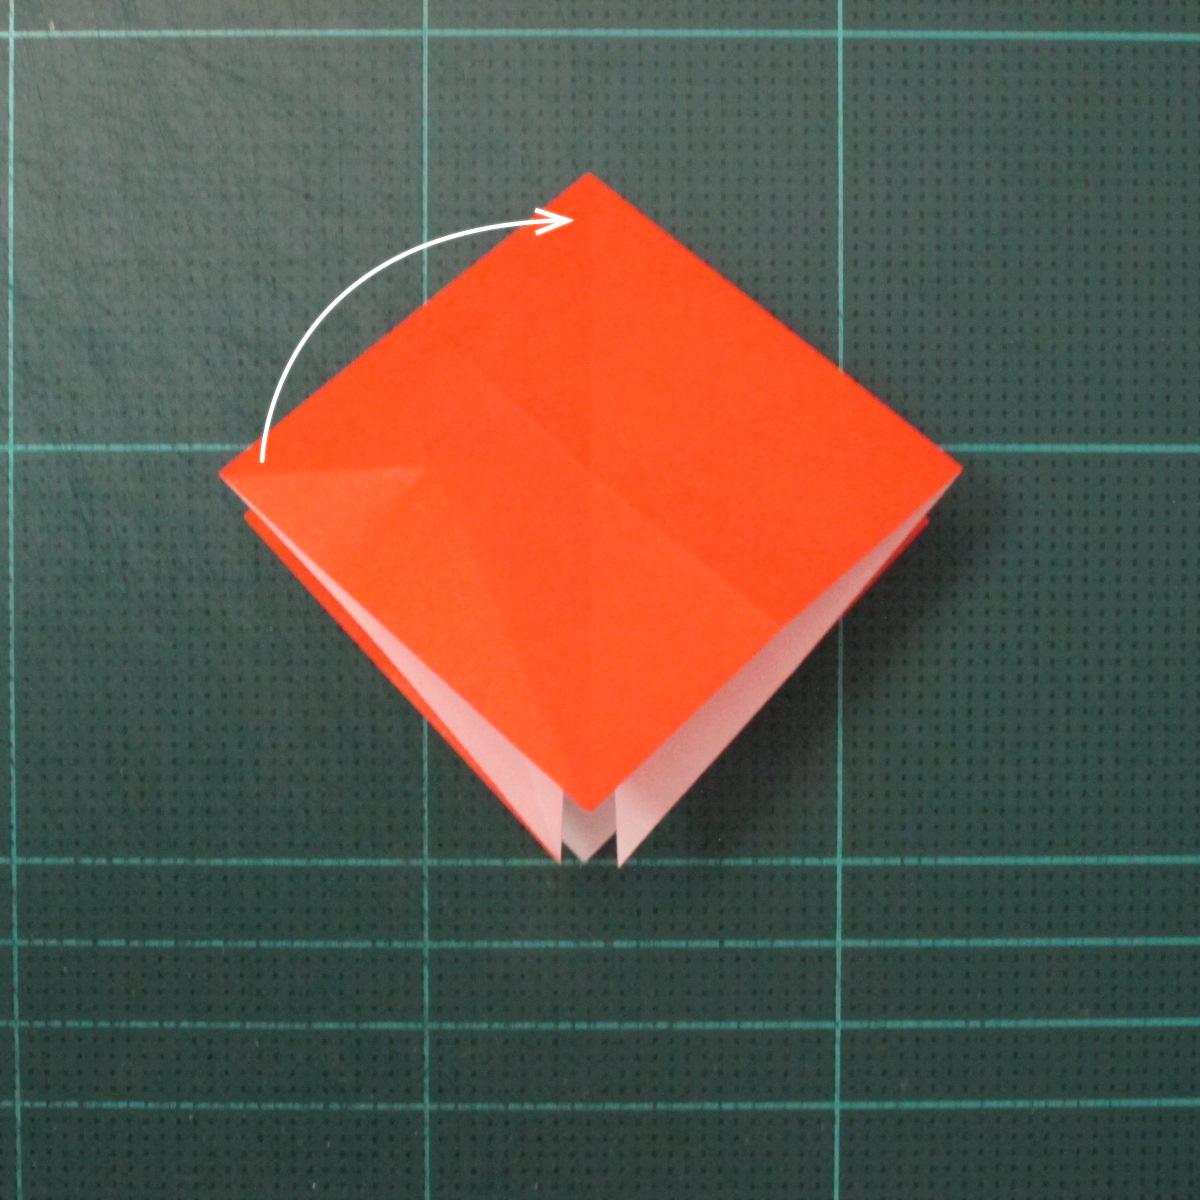 วิธีพับกระดาษเป็นที่คั่นหนังสือรูปผีเสื้อ (Origami Butterfly Bookmark) 016